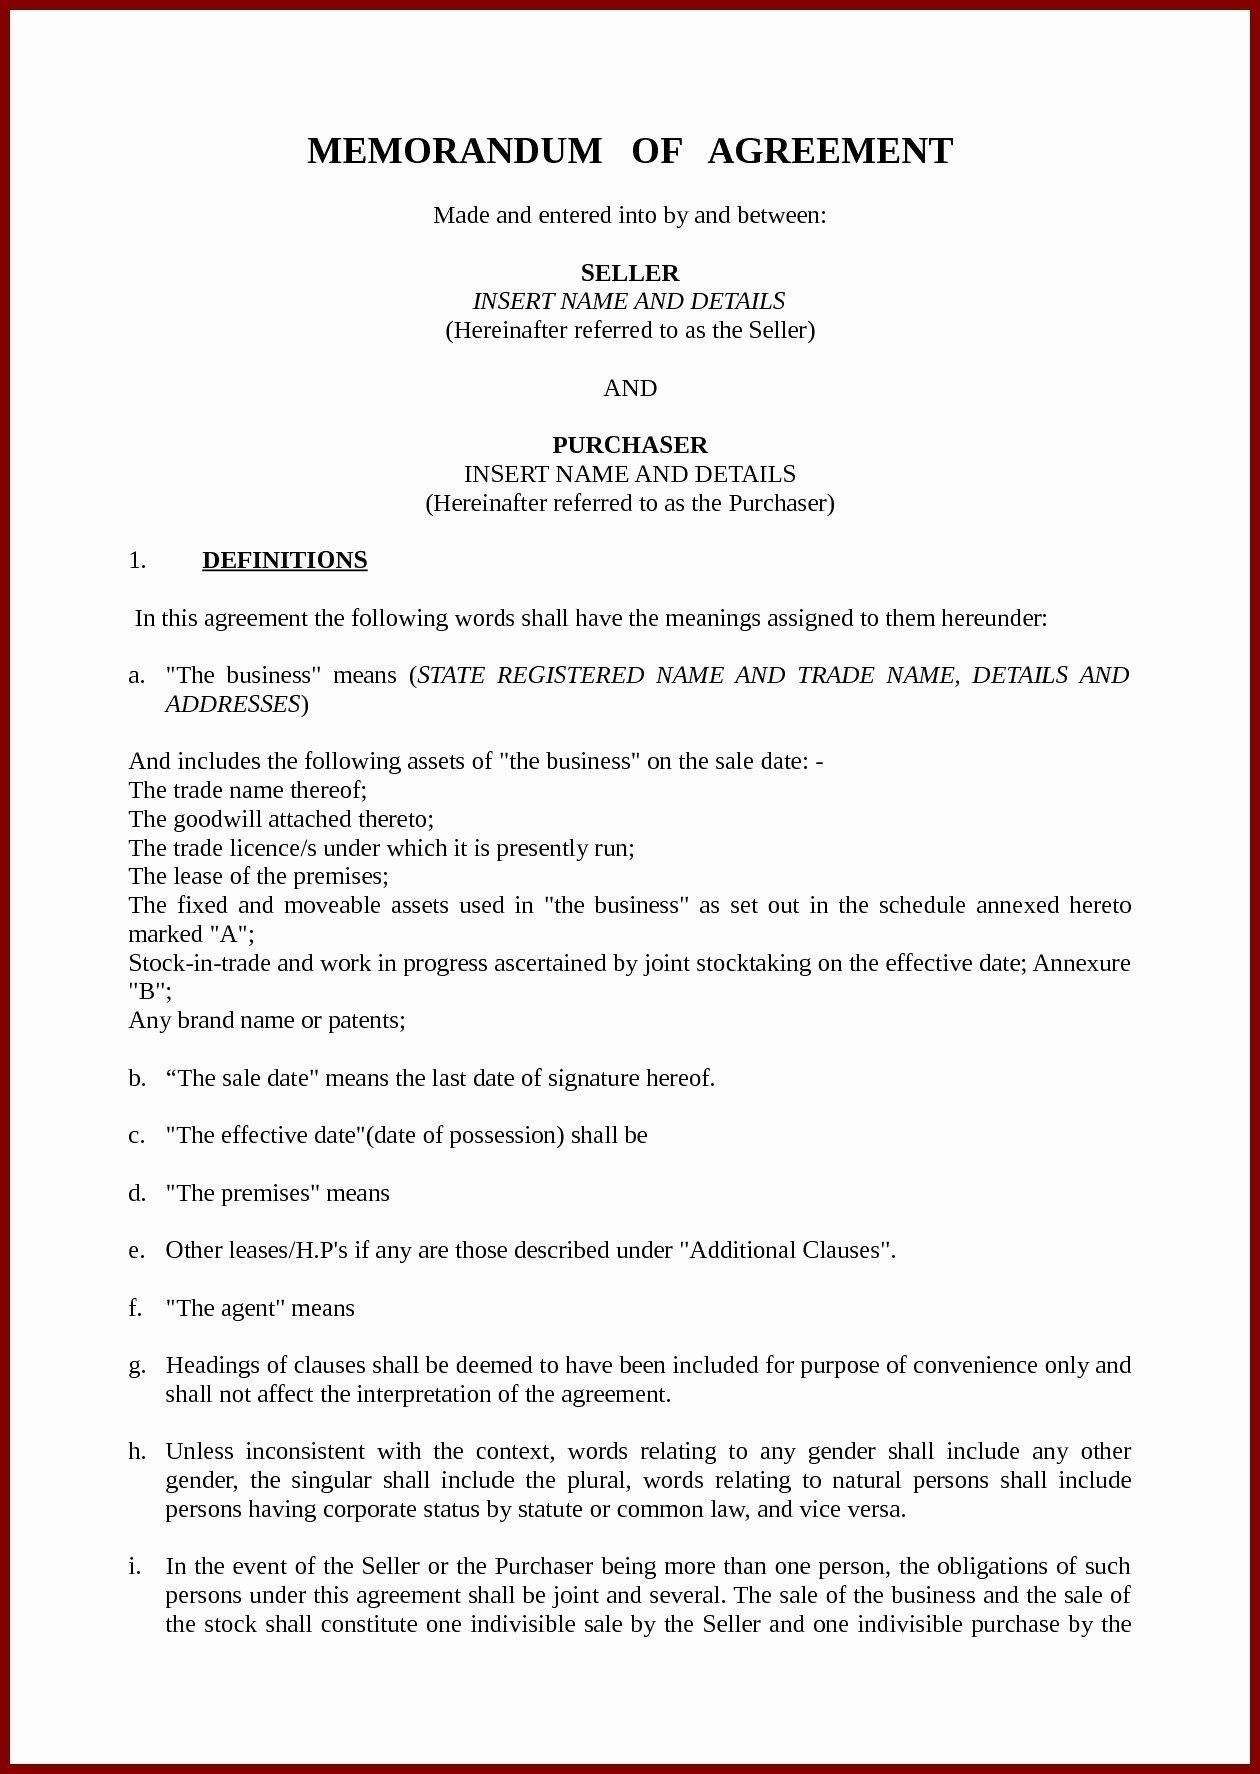 Mou Memorandum Of Understanding For Memorandum Understanding For Template For Memorandum Of Understanding In Business